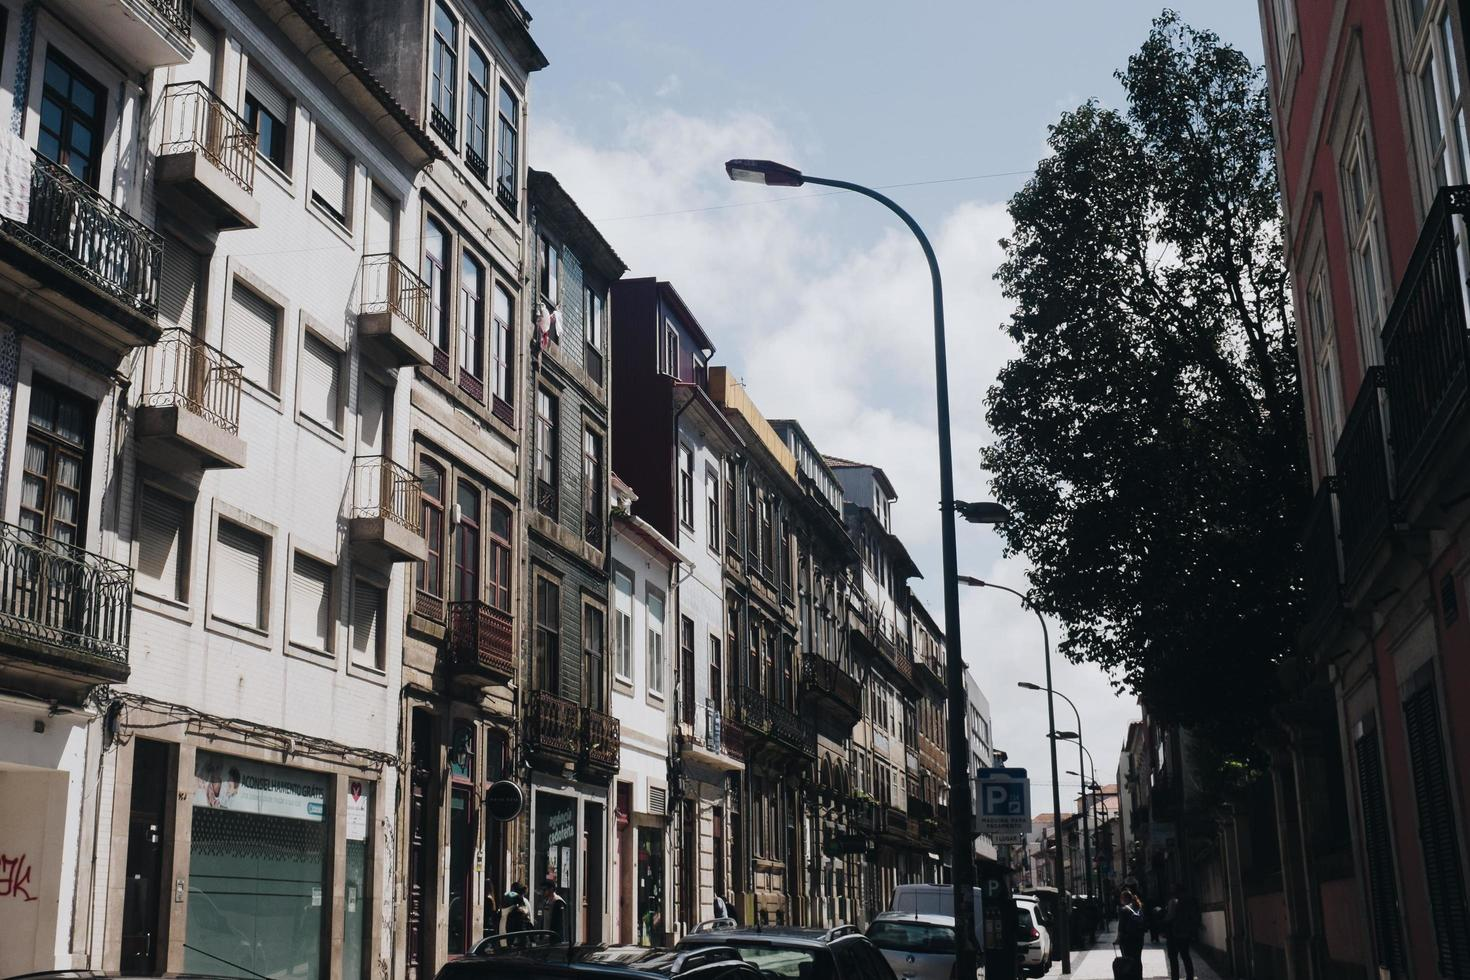 vue du paysage urbain du réverbère photo